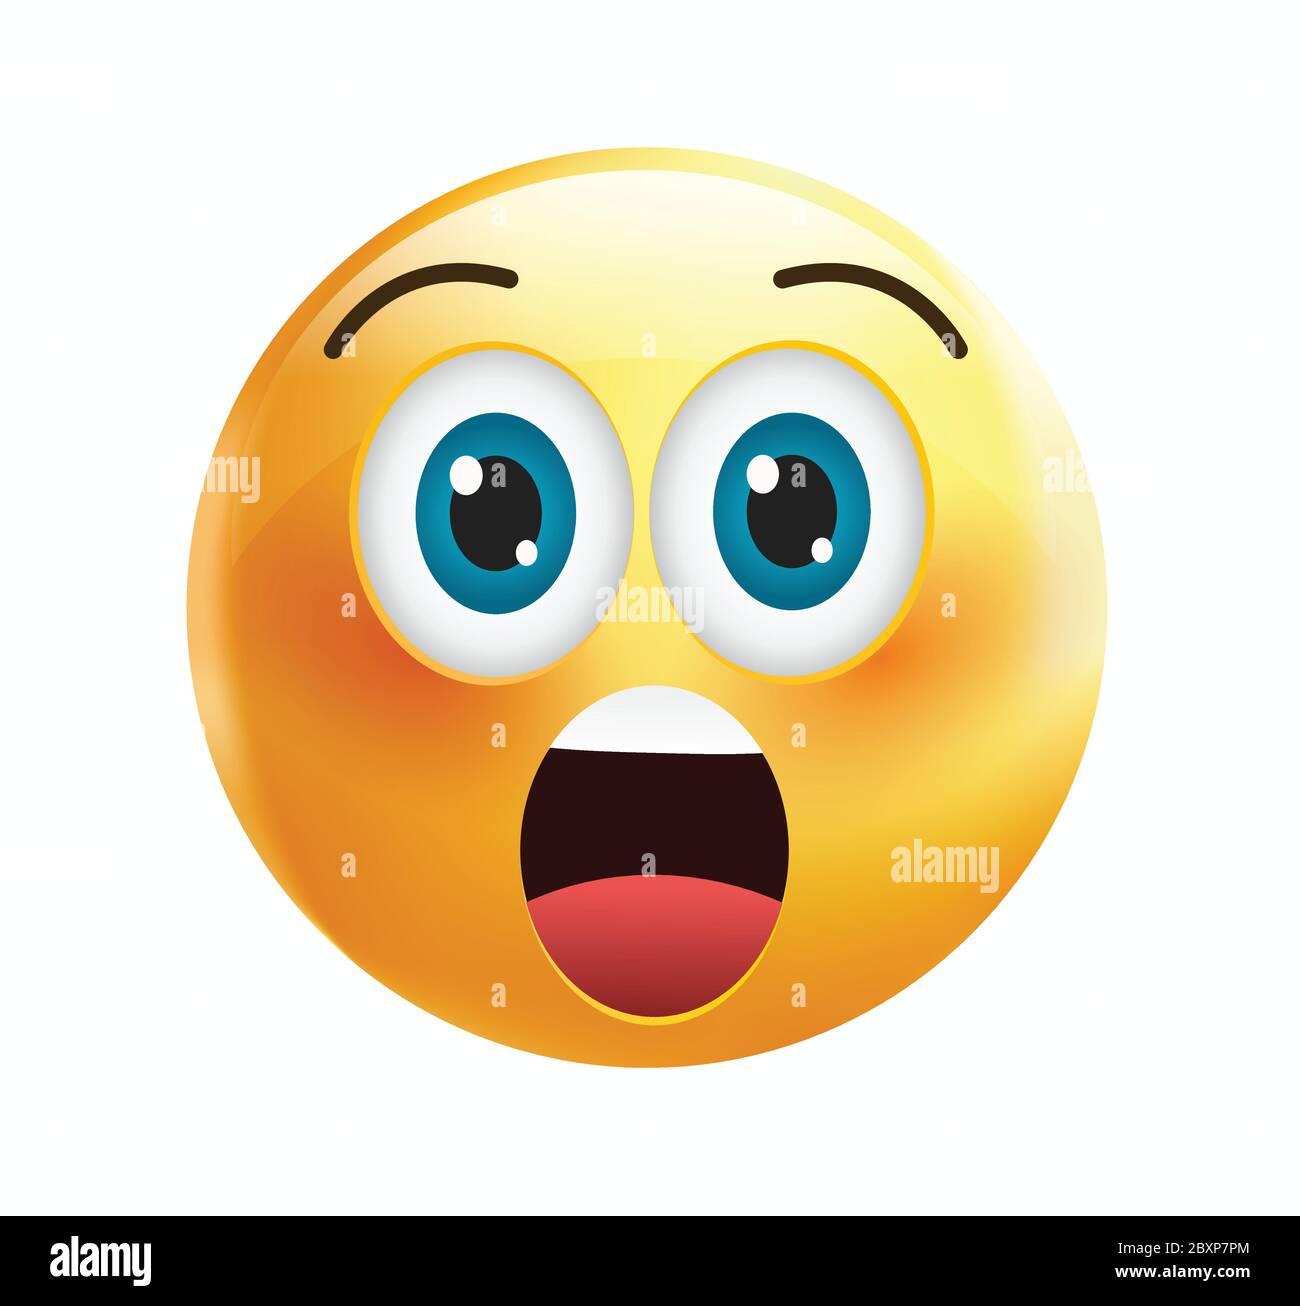 Emoticone De Haute Qualite Isolee Sur Fond Blanc Emoji Visage A La Bouche Ouverte Et Les Yeux Ouverts Yellow Visage Wow Emoji Social Medias Surpris Choque Image Vectorielle Stock Alamy